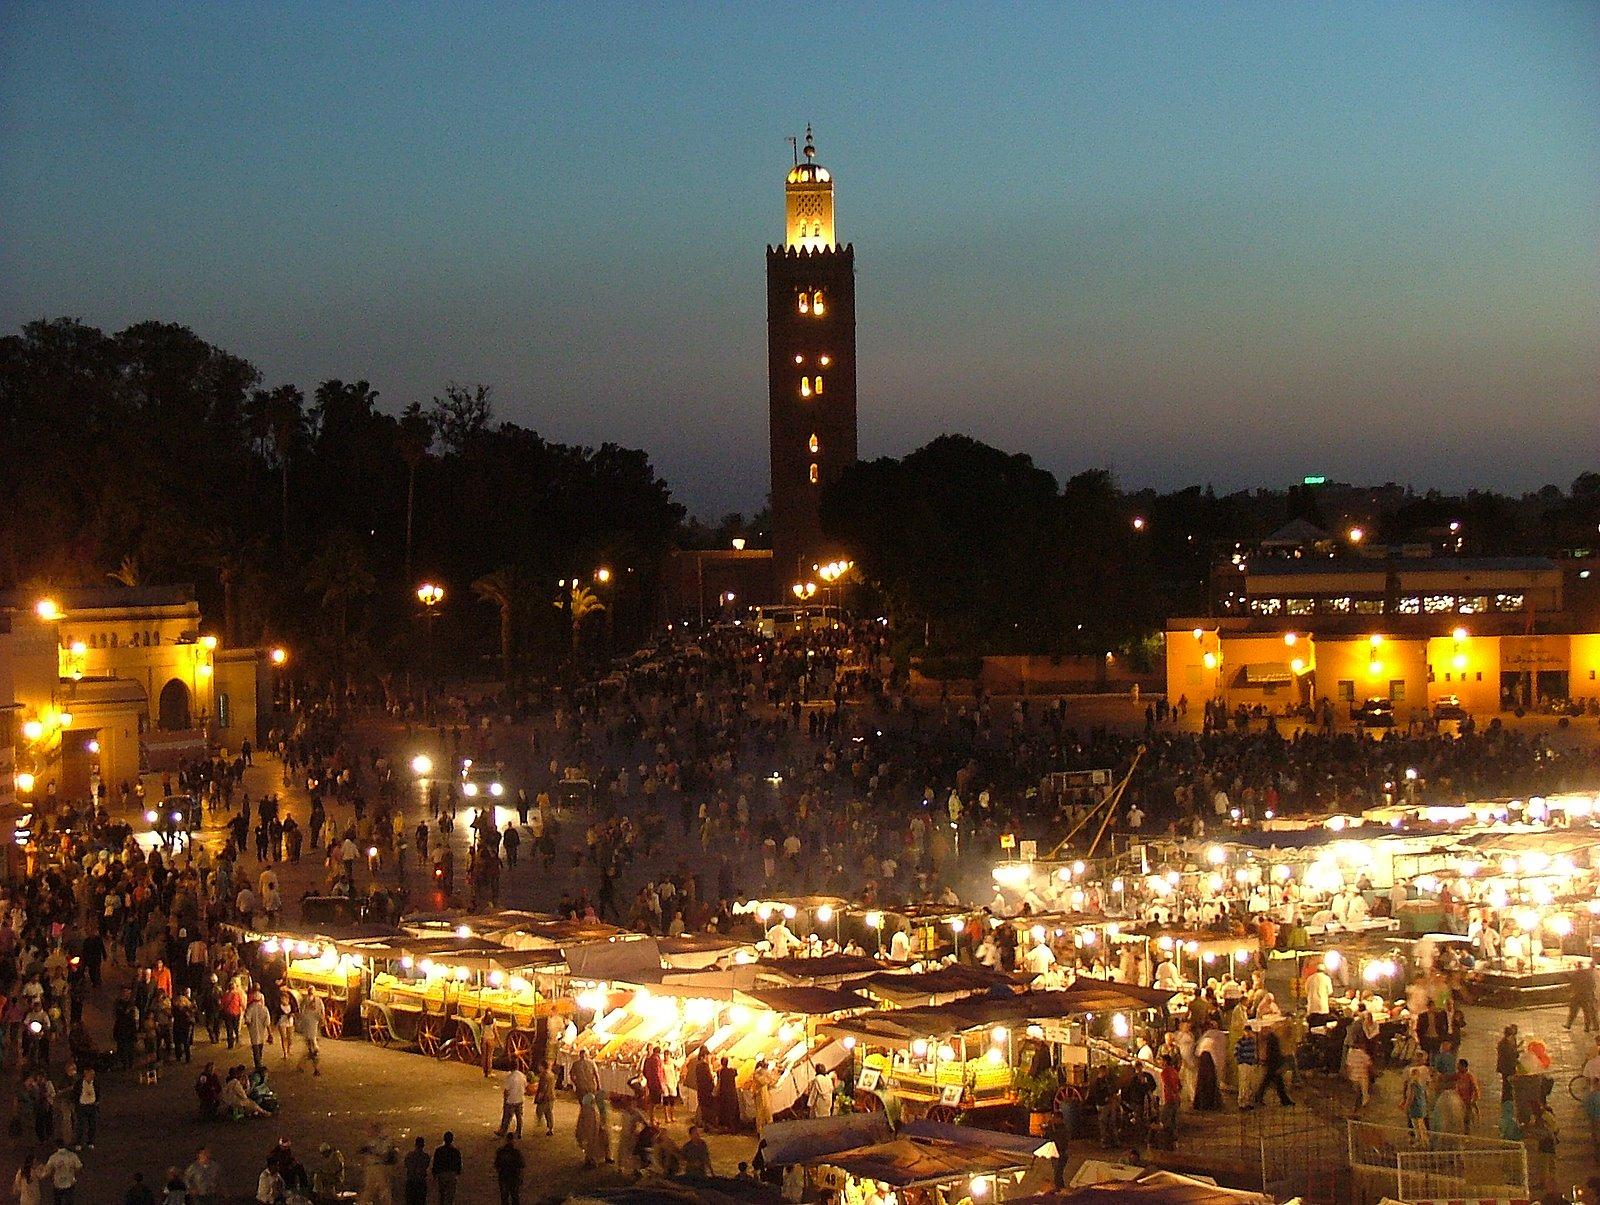 مدينه مراكش 13 صور مدينه مراكش Marrakesh